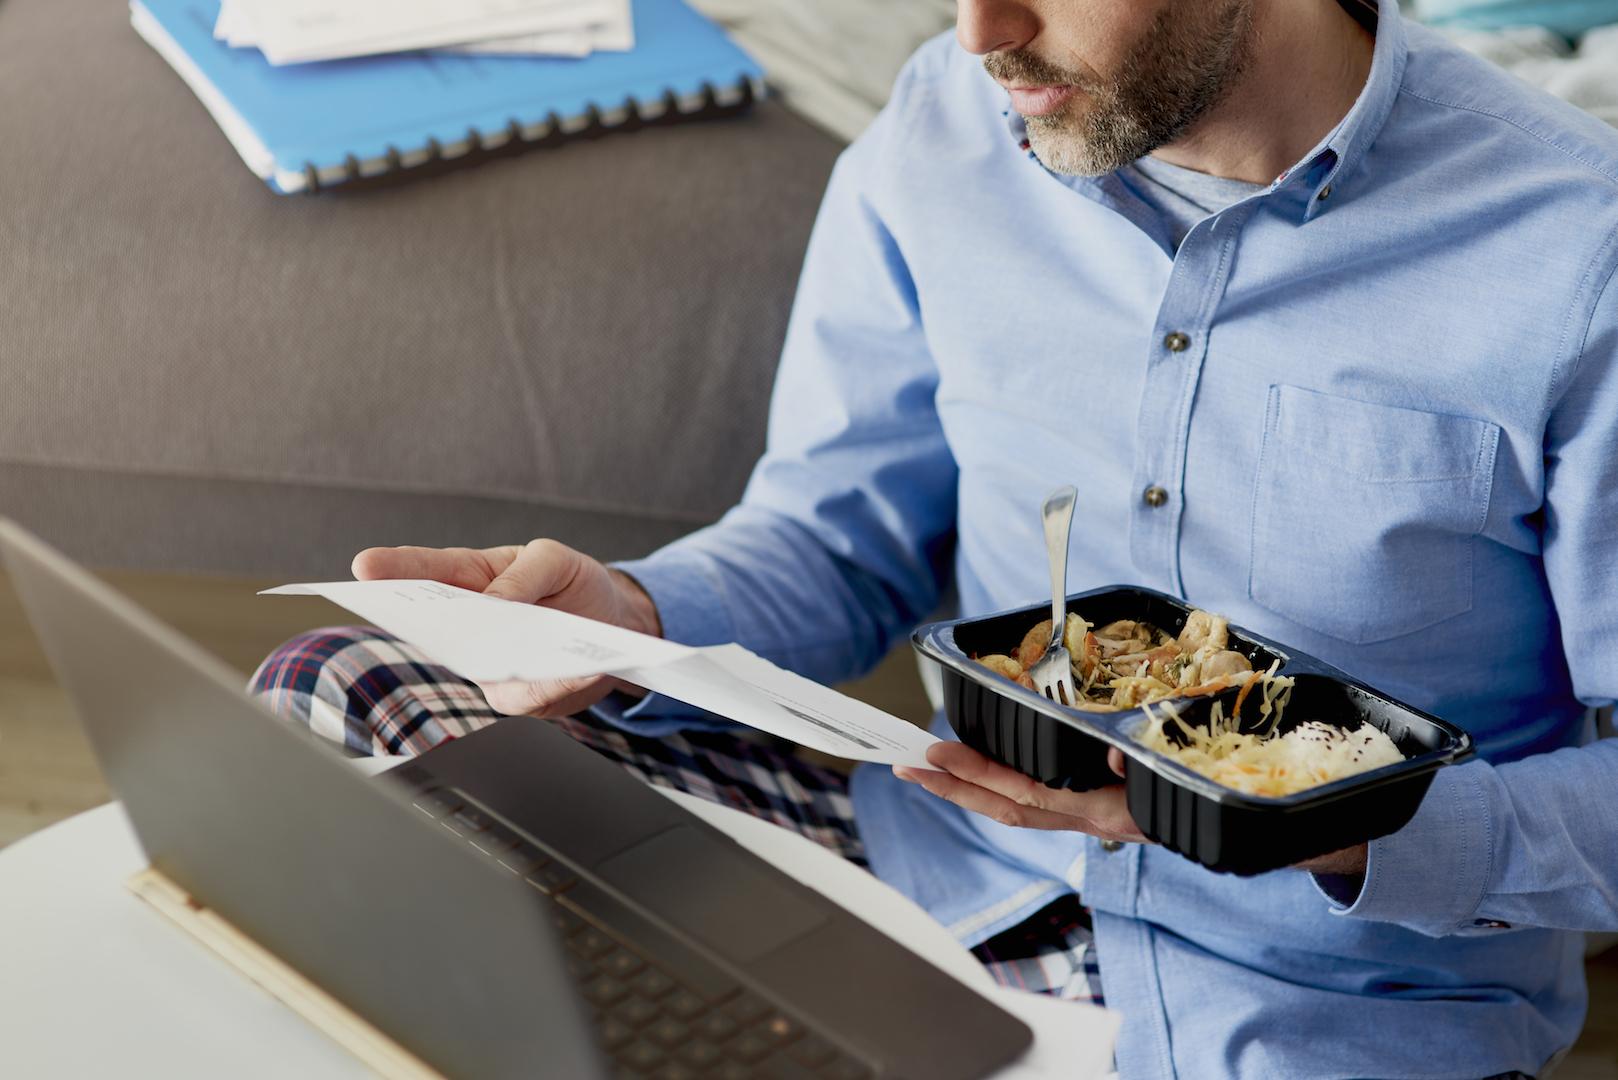 Mantenha refeições saudáveis pela sua saúde